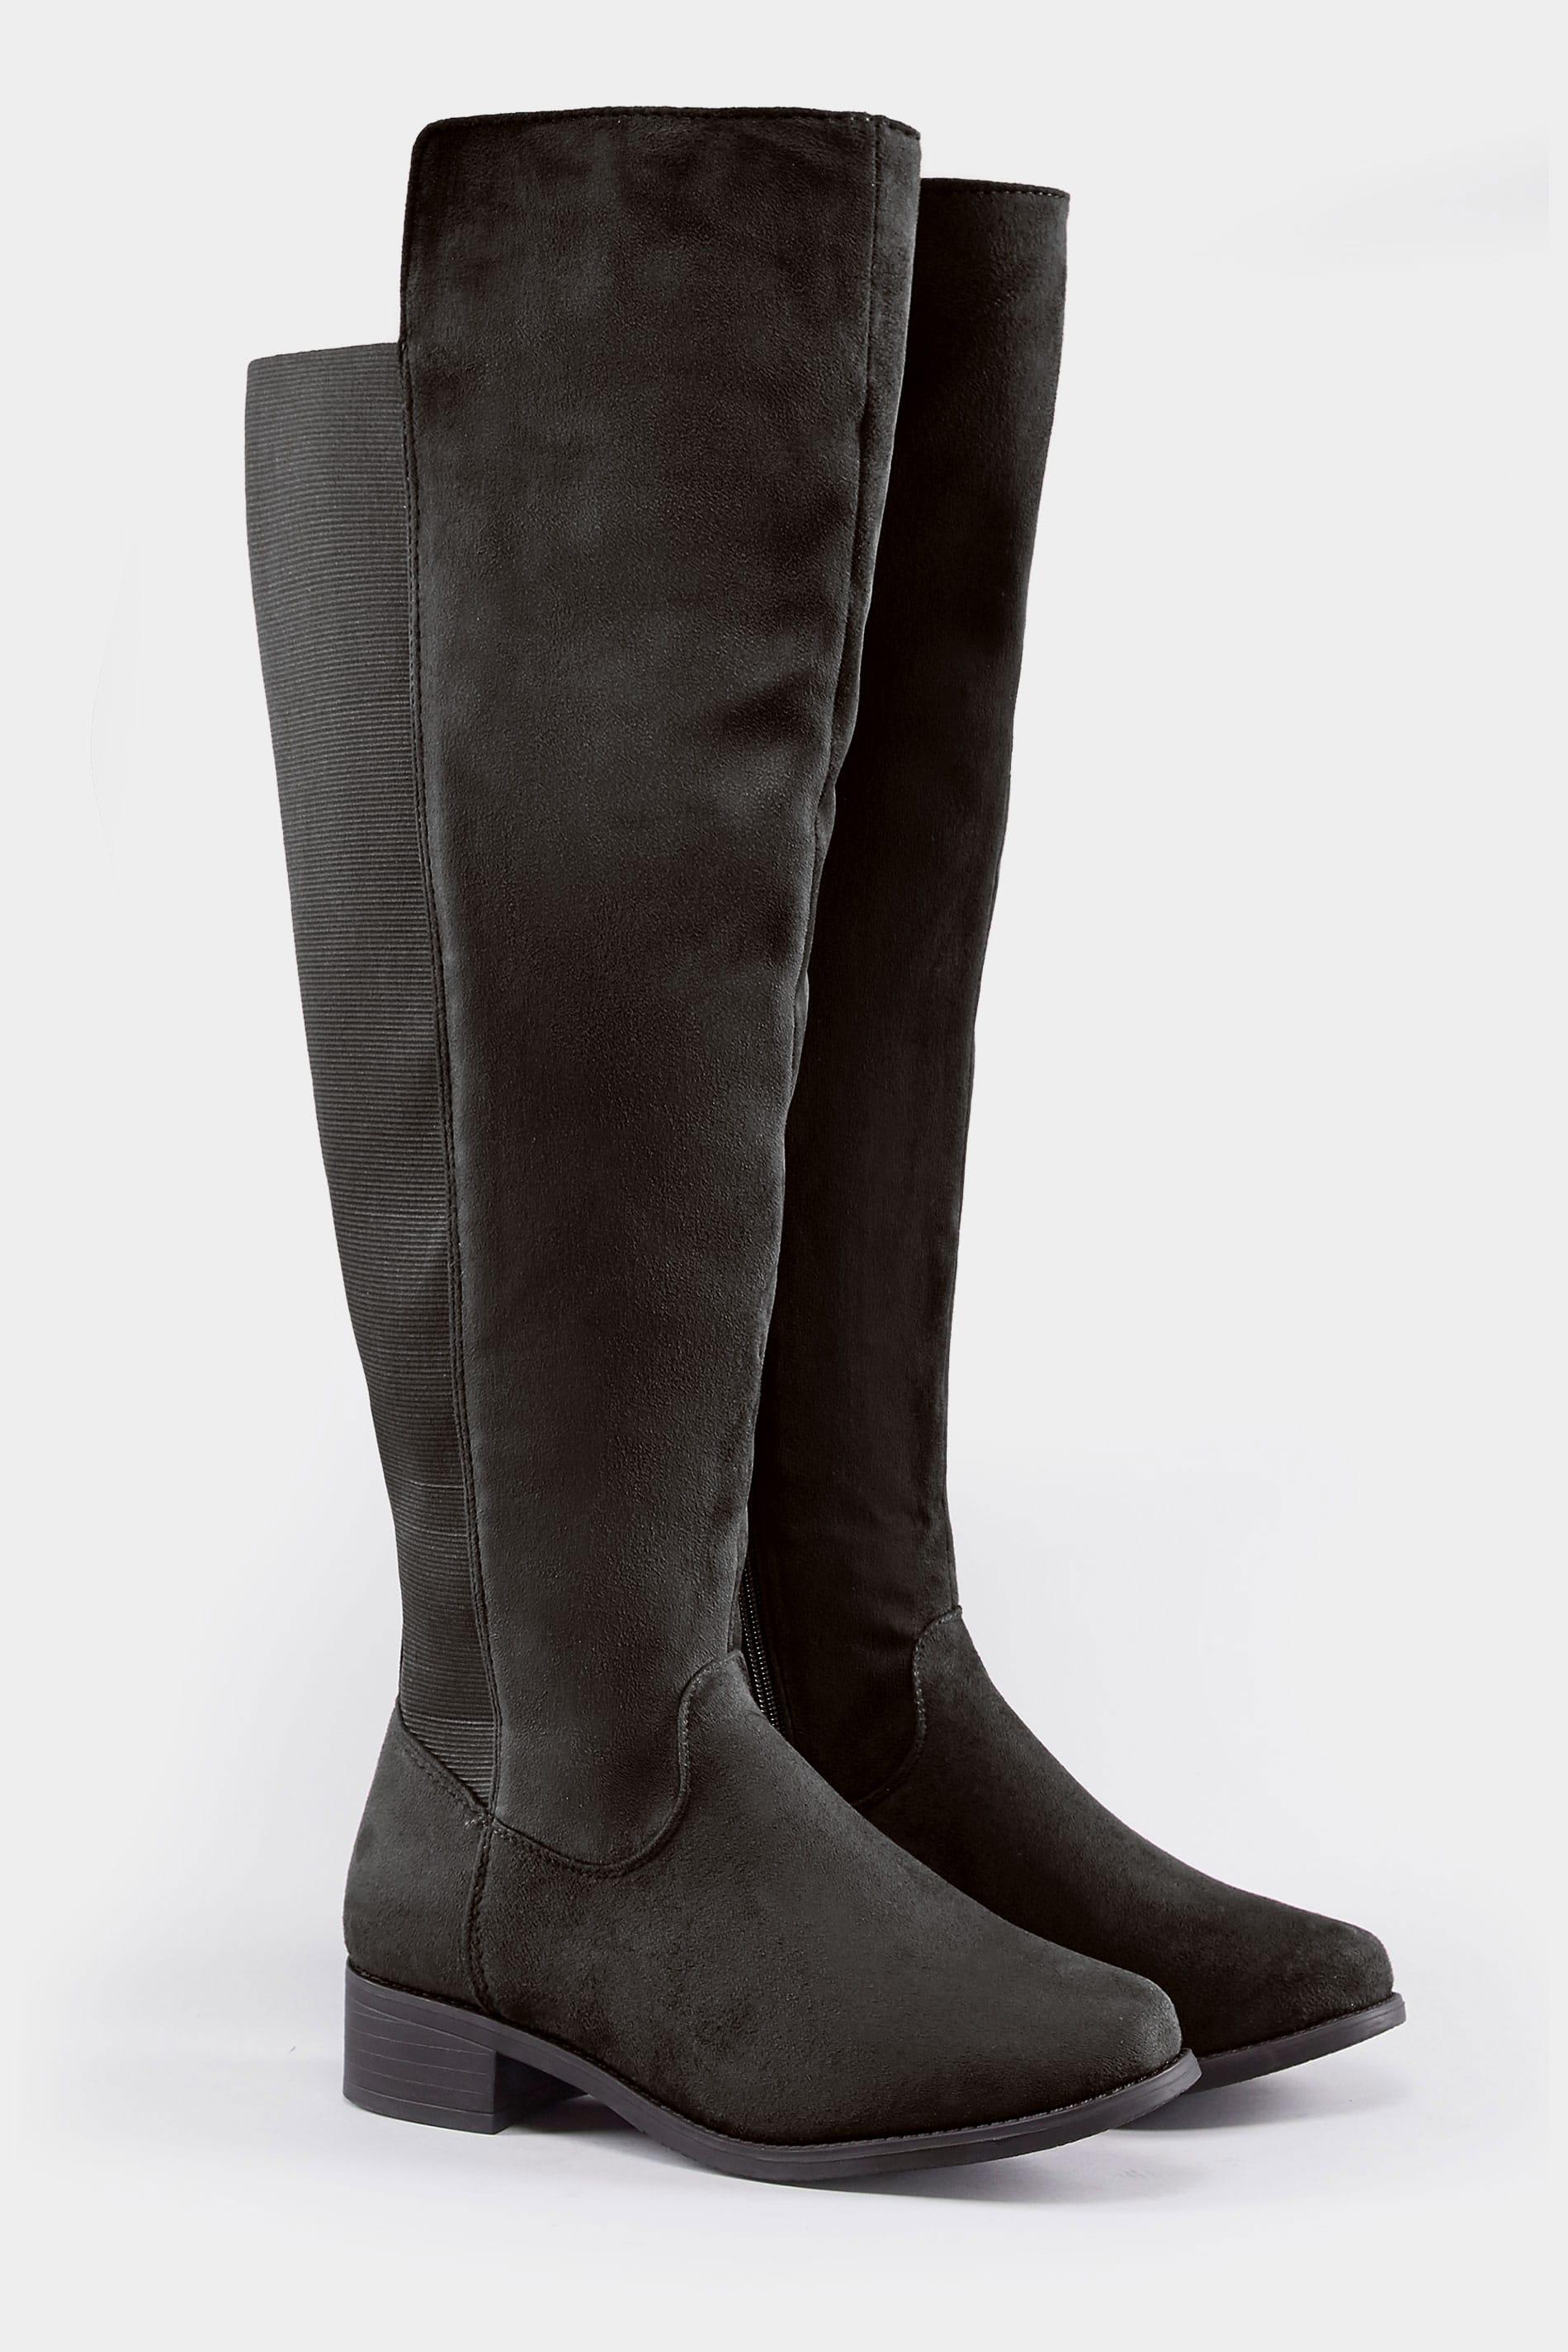 Schwarze Fit Passform Knee Over Und Weiter Elastischen Eee Stiefel Einsätzen Mit 8wmnPvO0yN